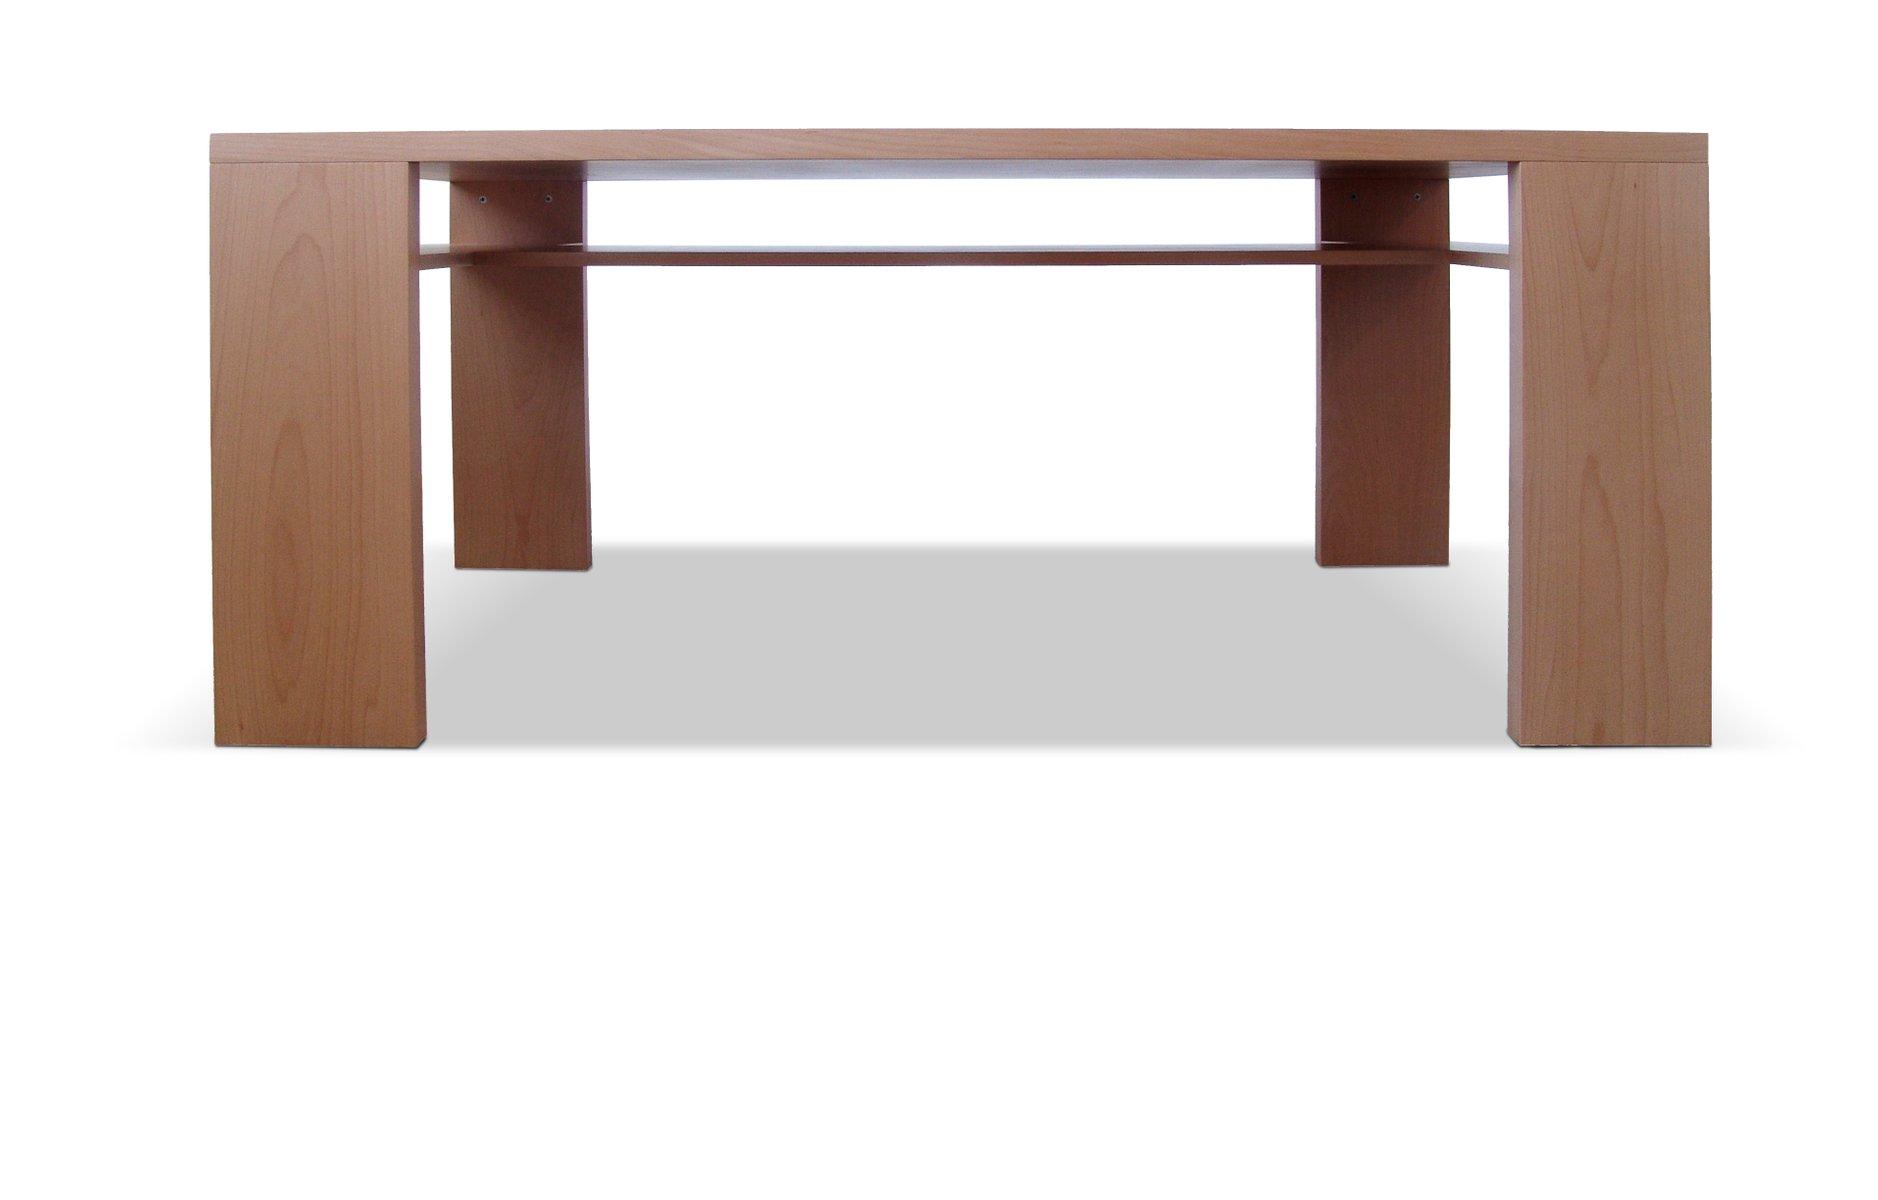 Tisch mit Verstecktem Boden von Maria Vidali für Nikos Ballis